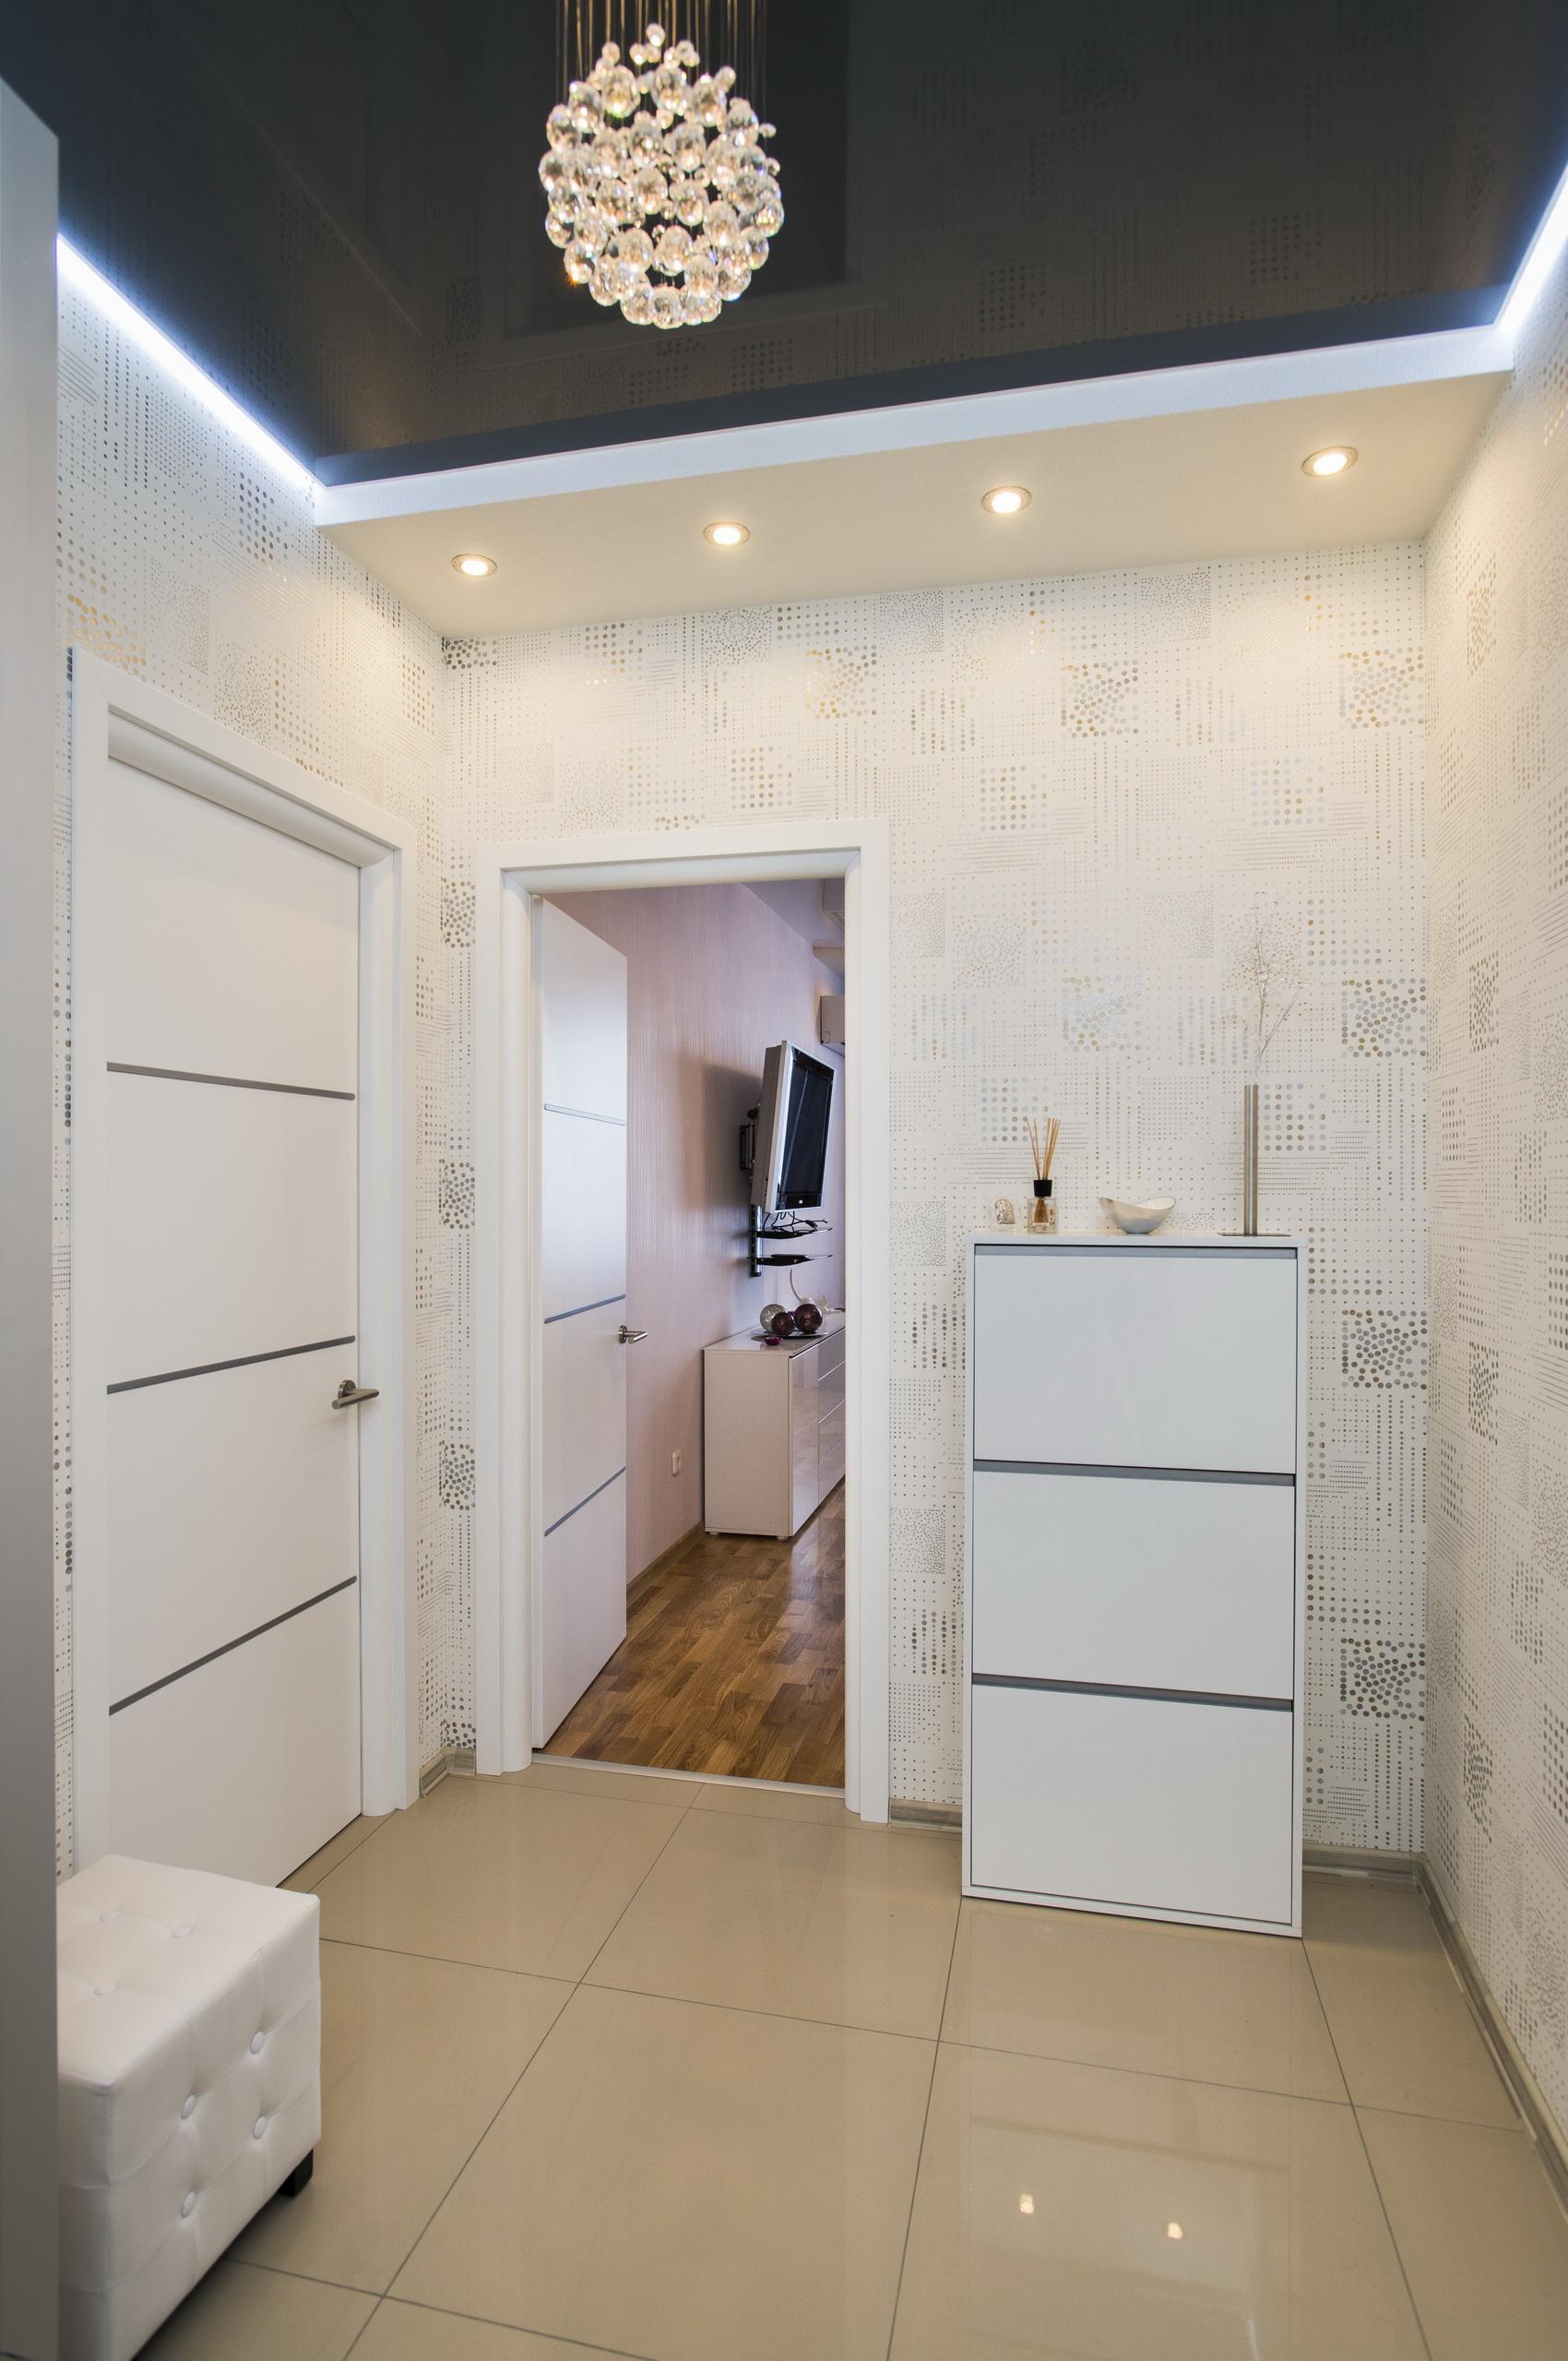 Узкий маленький коридор в квартире — дизайн фото